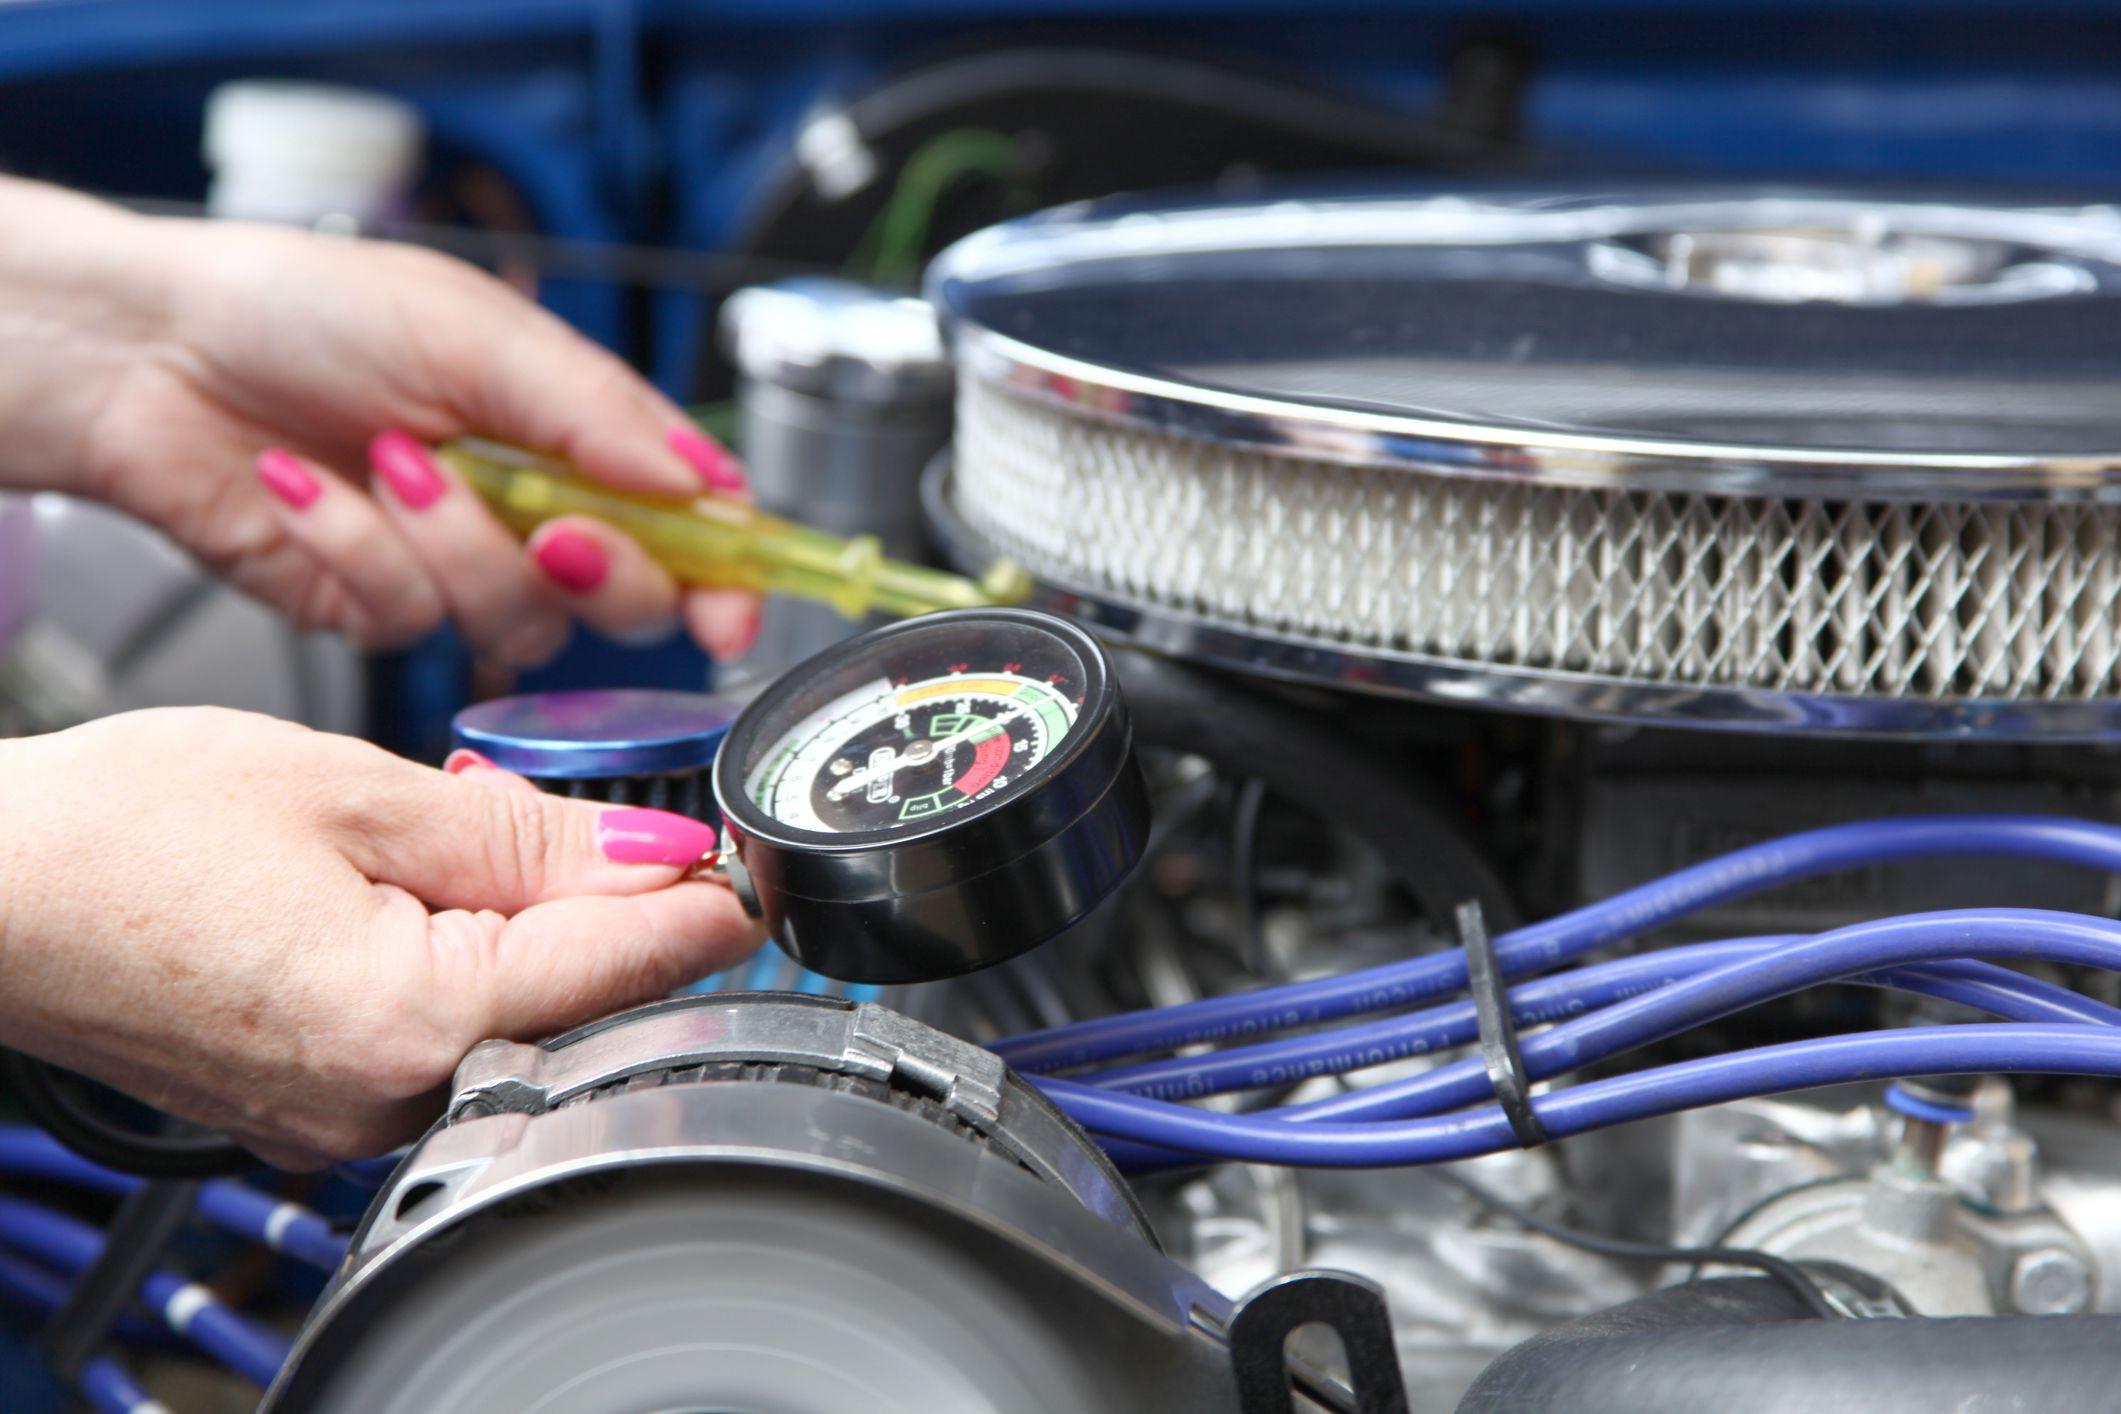 Engine Vacuum Leak: Symptoms and Solutions